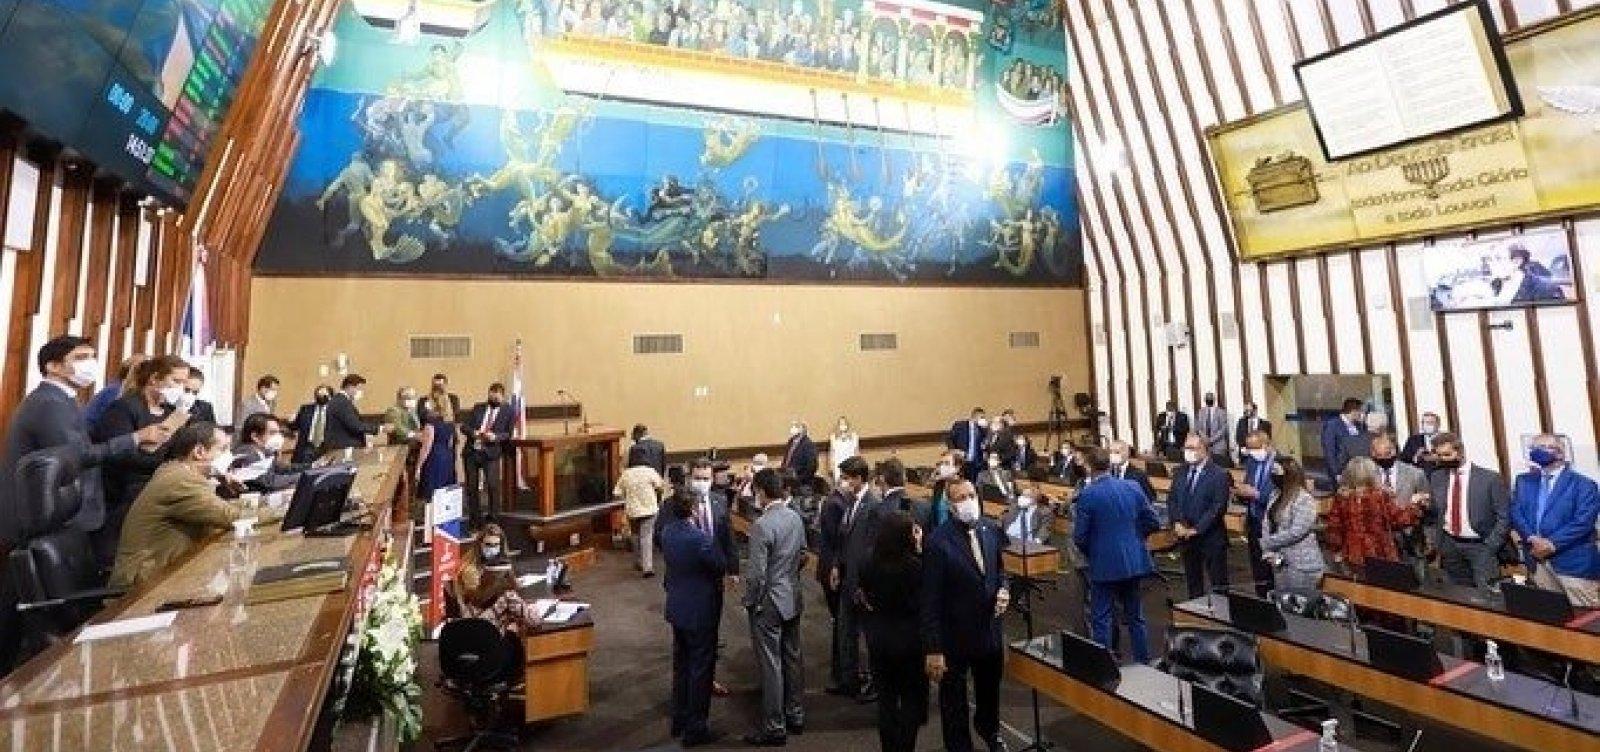 Alden entra com representação para anular processo no Conselho de Ética da Alba